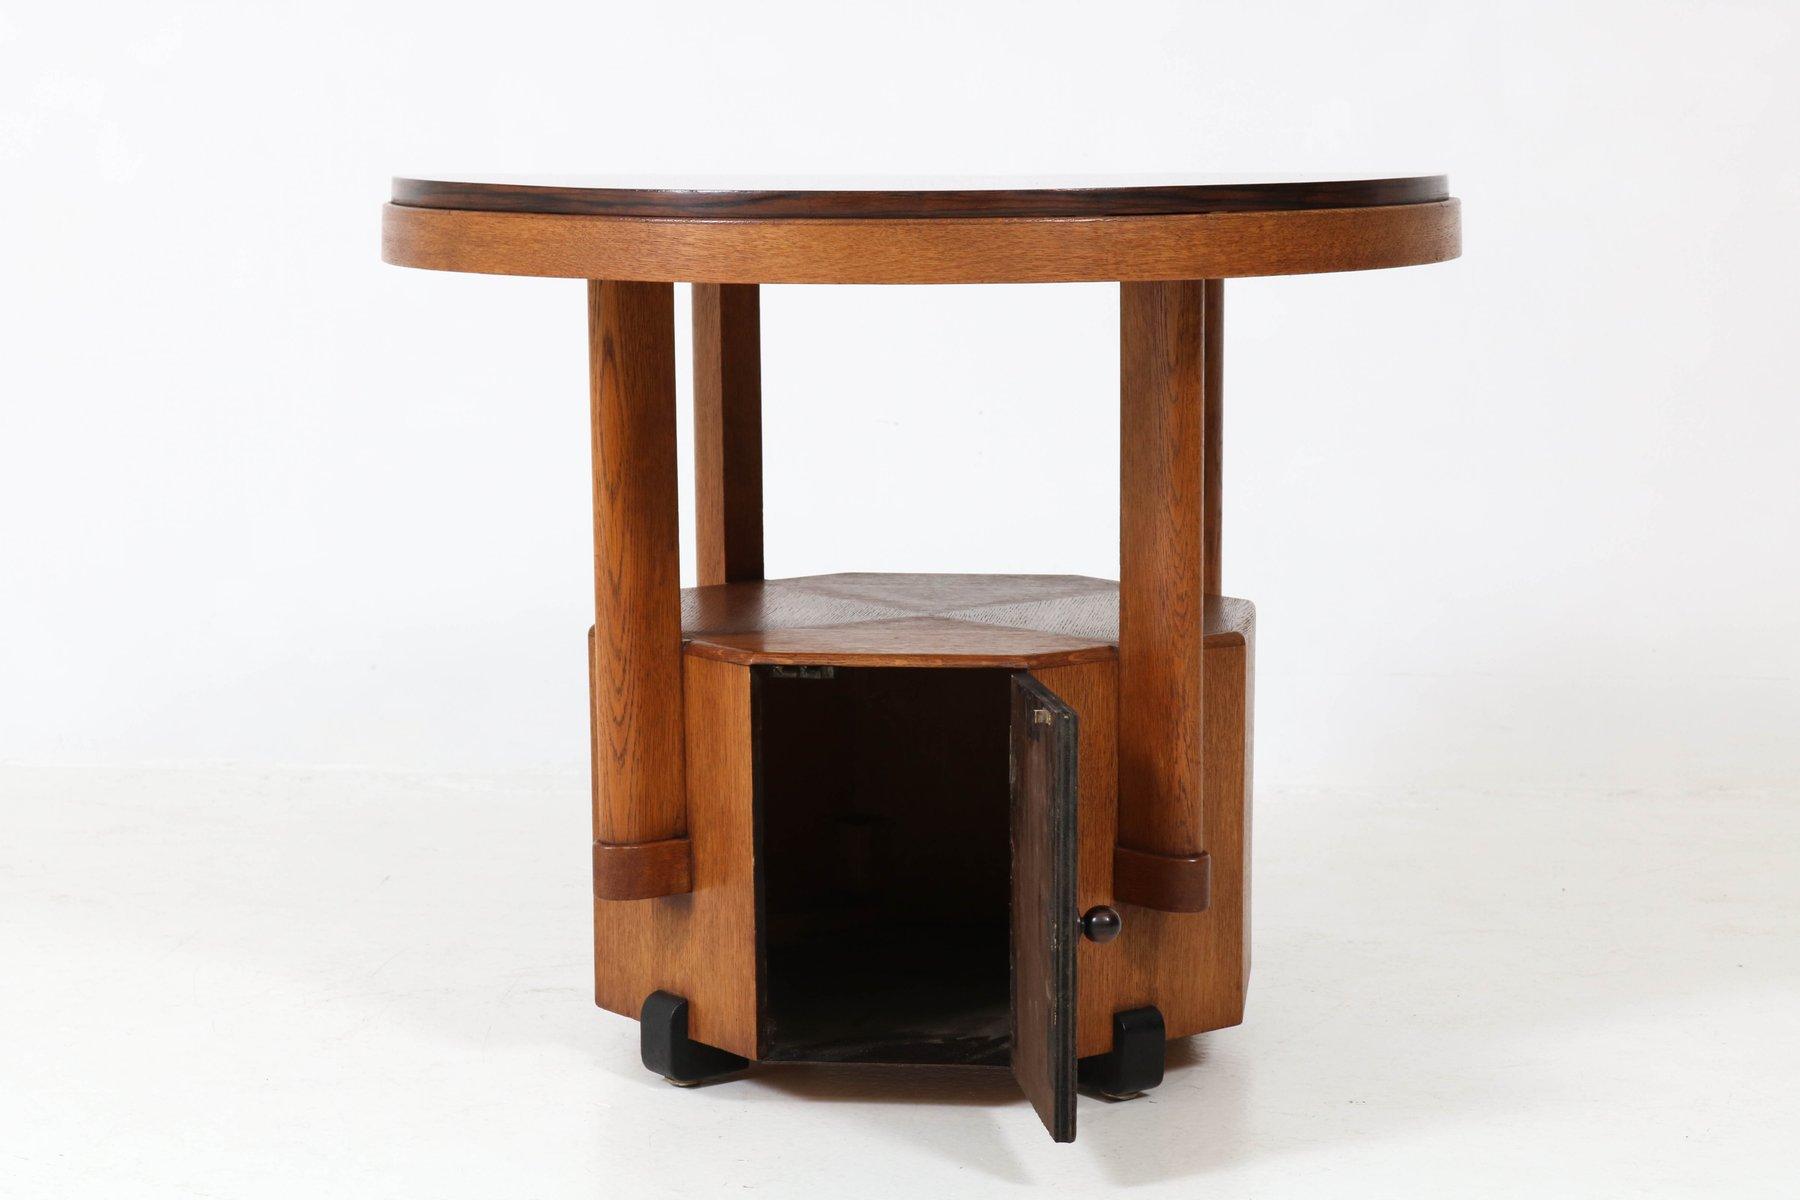 art deco haager schule couchtisch aus eichenholz macassar ebenholz 1920er bei pamono kaufen. Black Bedroom Furniture Sets. Home Design Ideas